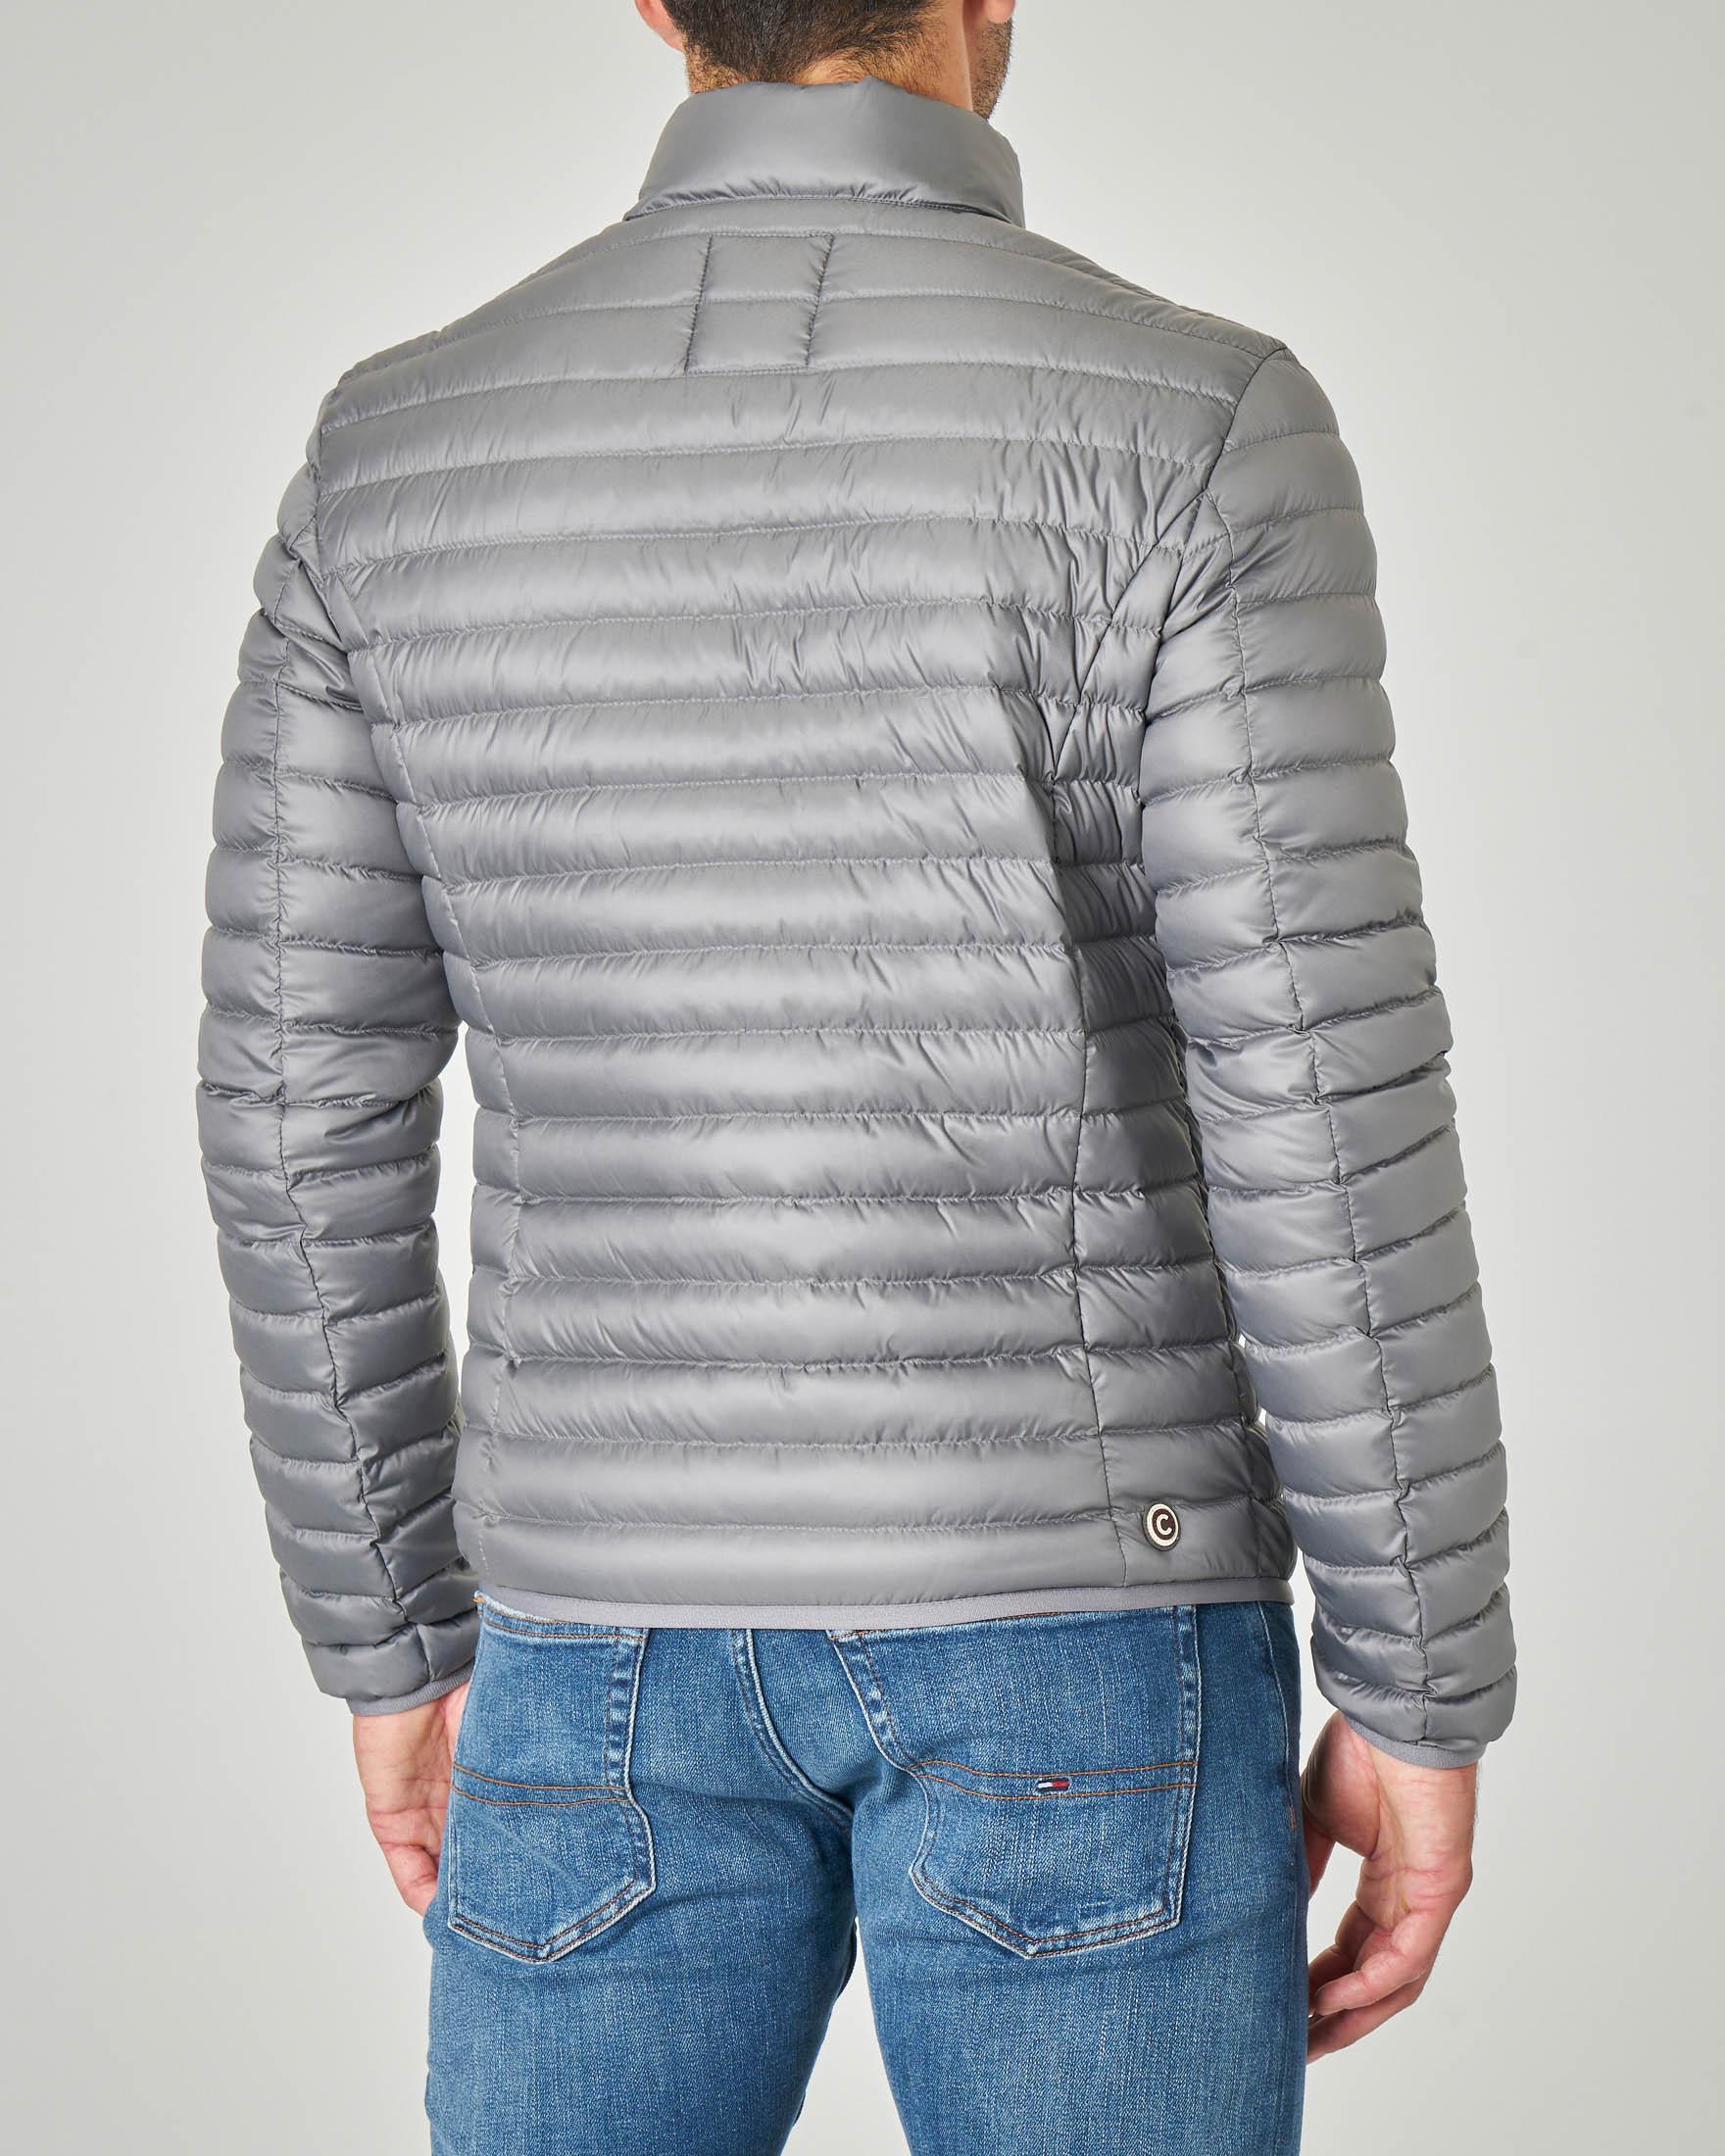 Piumino grigio leggero senza cappuccio